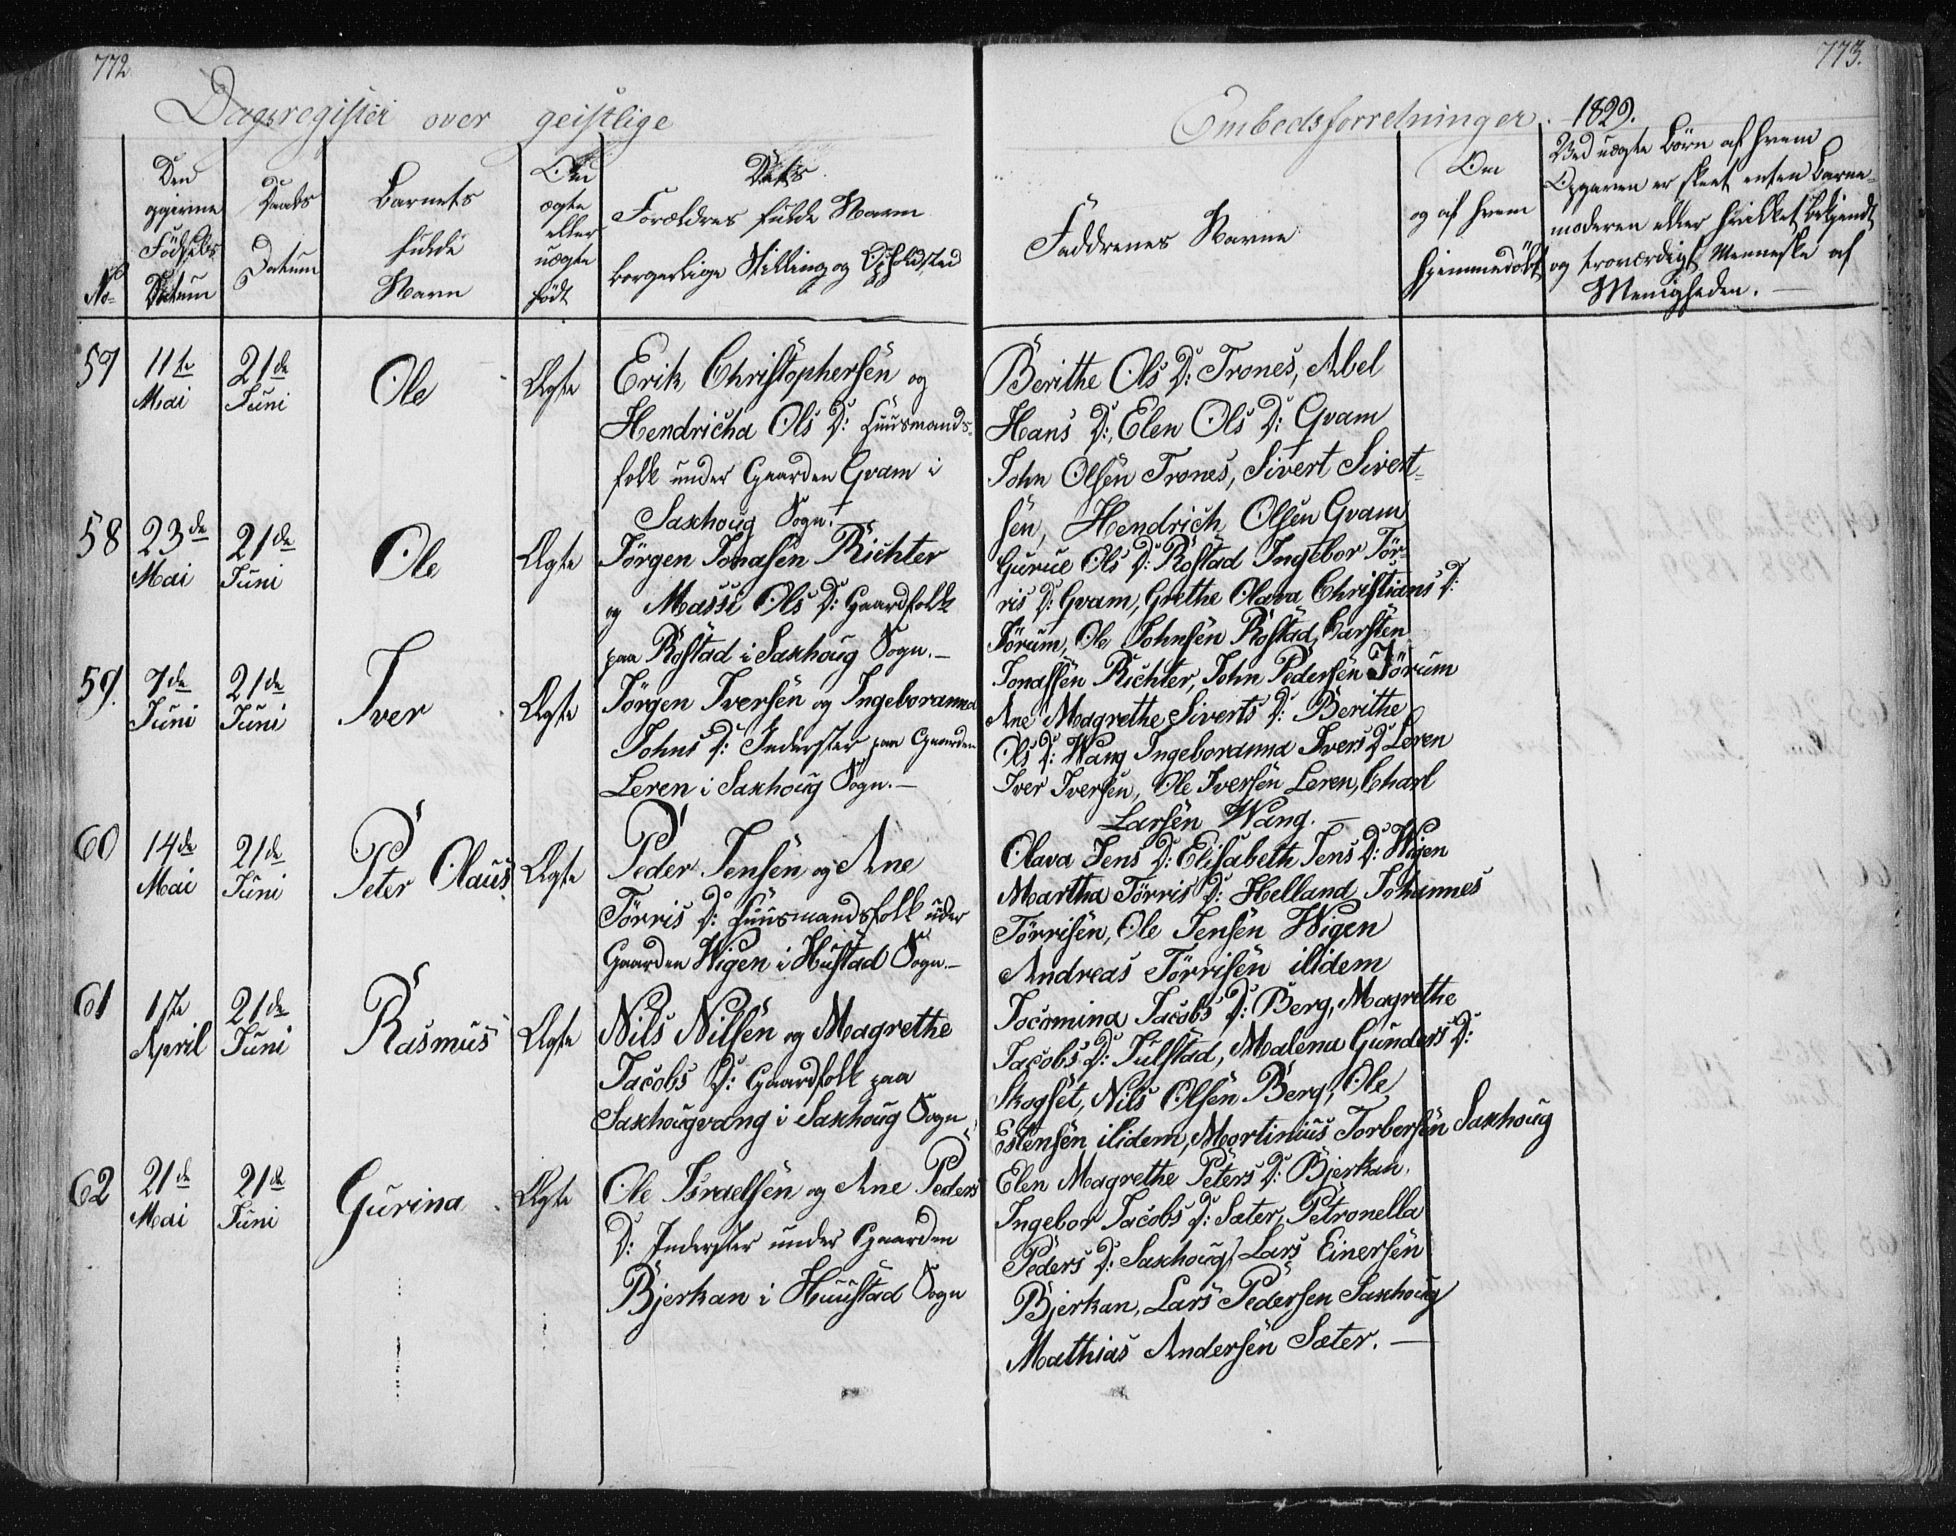 SAT, Ministerialprotokoller, klokkerbøker og fødselsregistre - Nord-Trøndelag, 730/L0276: Ministerialbok nr. 730A05, 1822-1830, s. 772-773